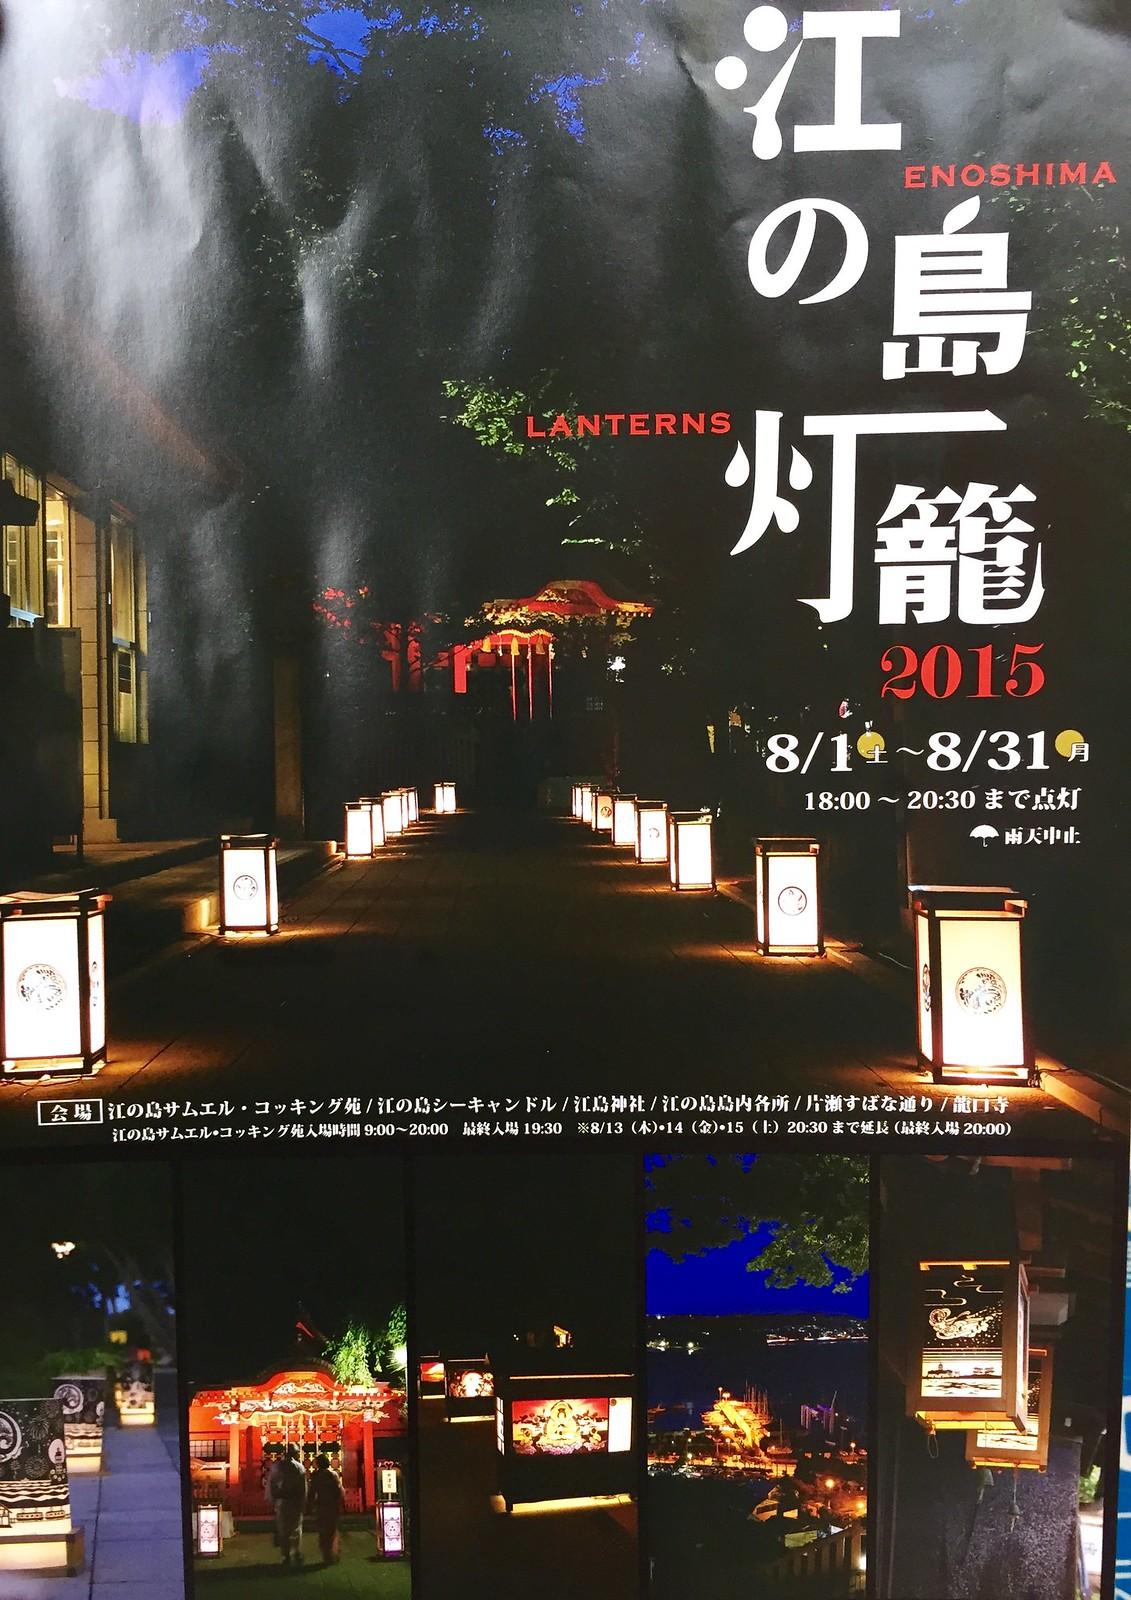 Enoshima Lanterns 2015 Poster